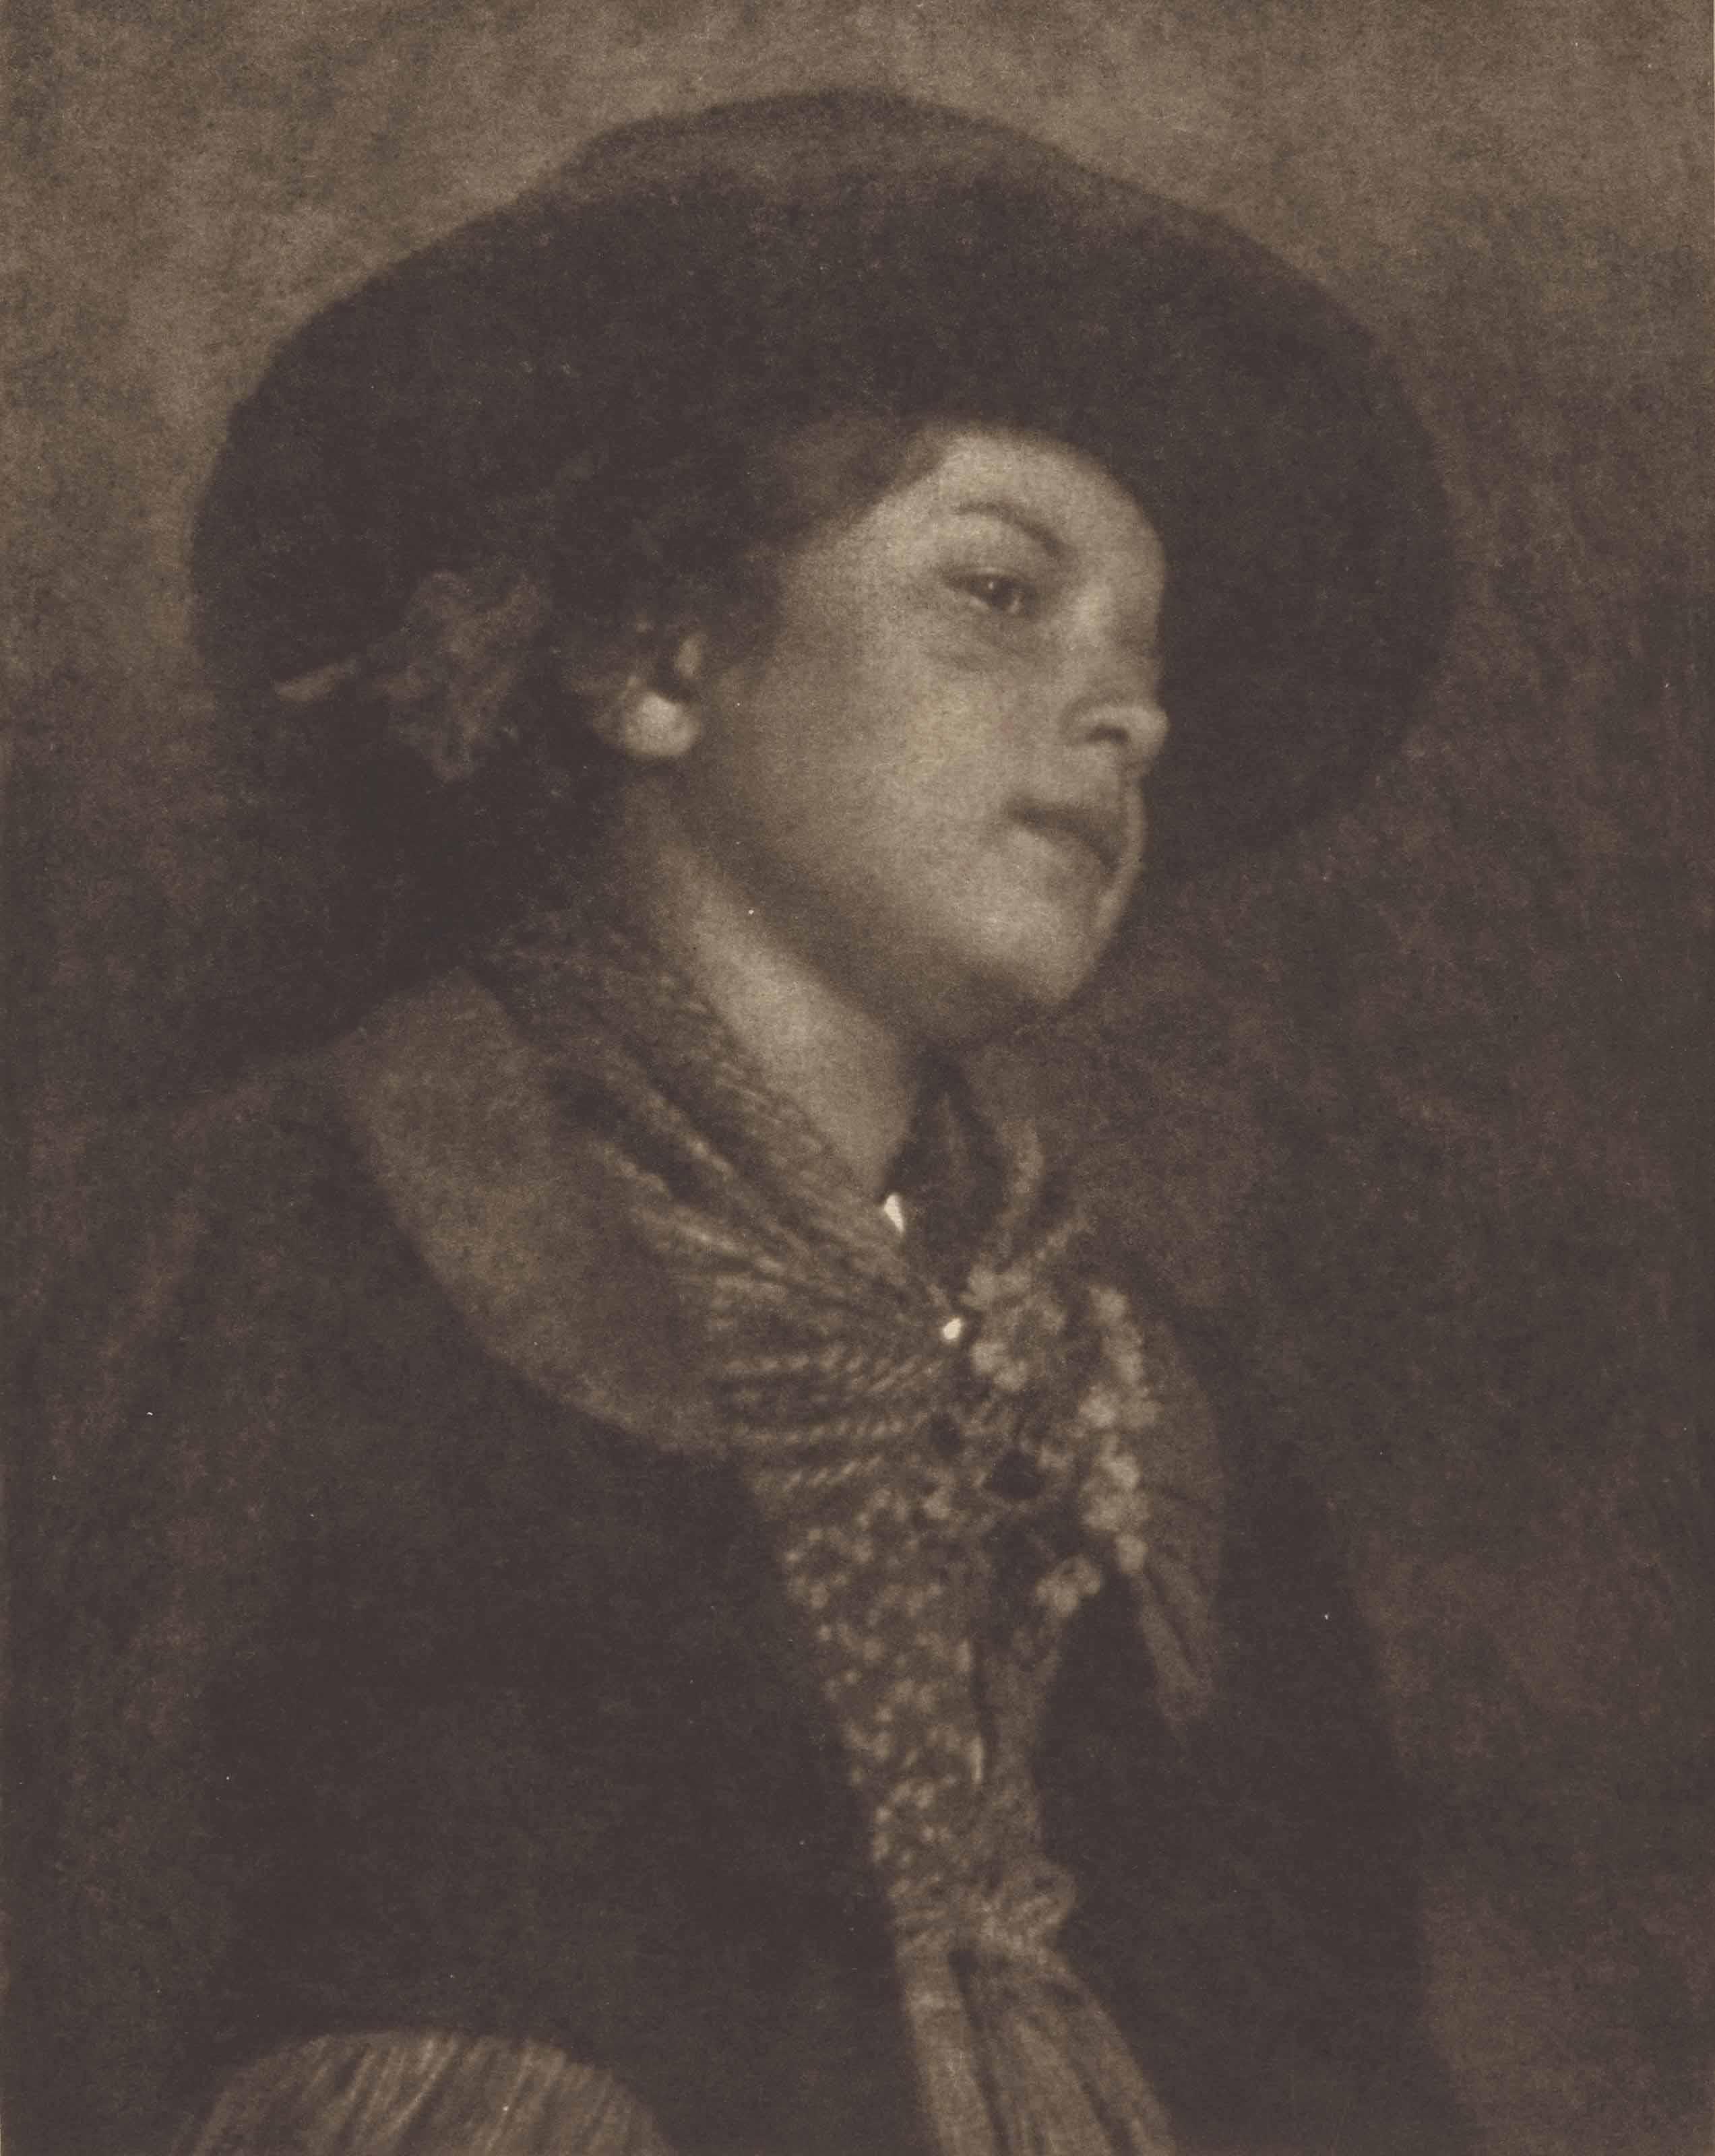 Edeltrude mit Hut, vers 1910